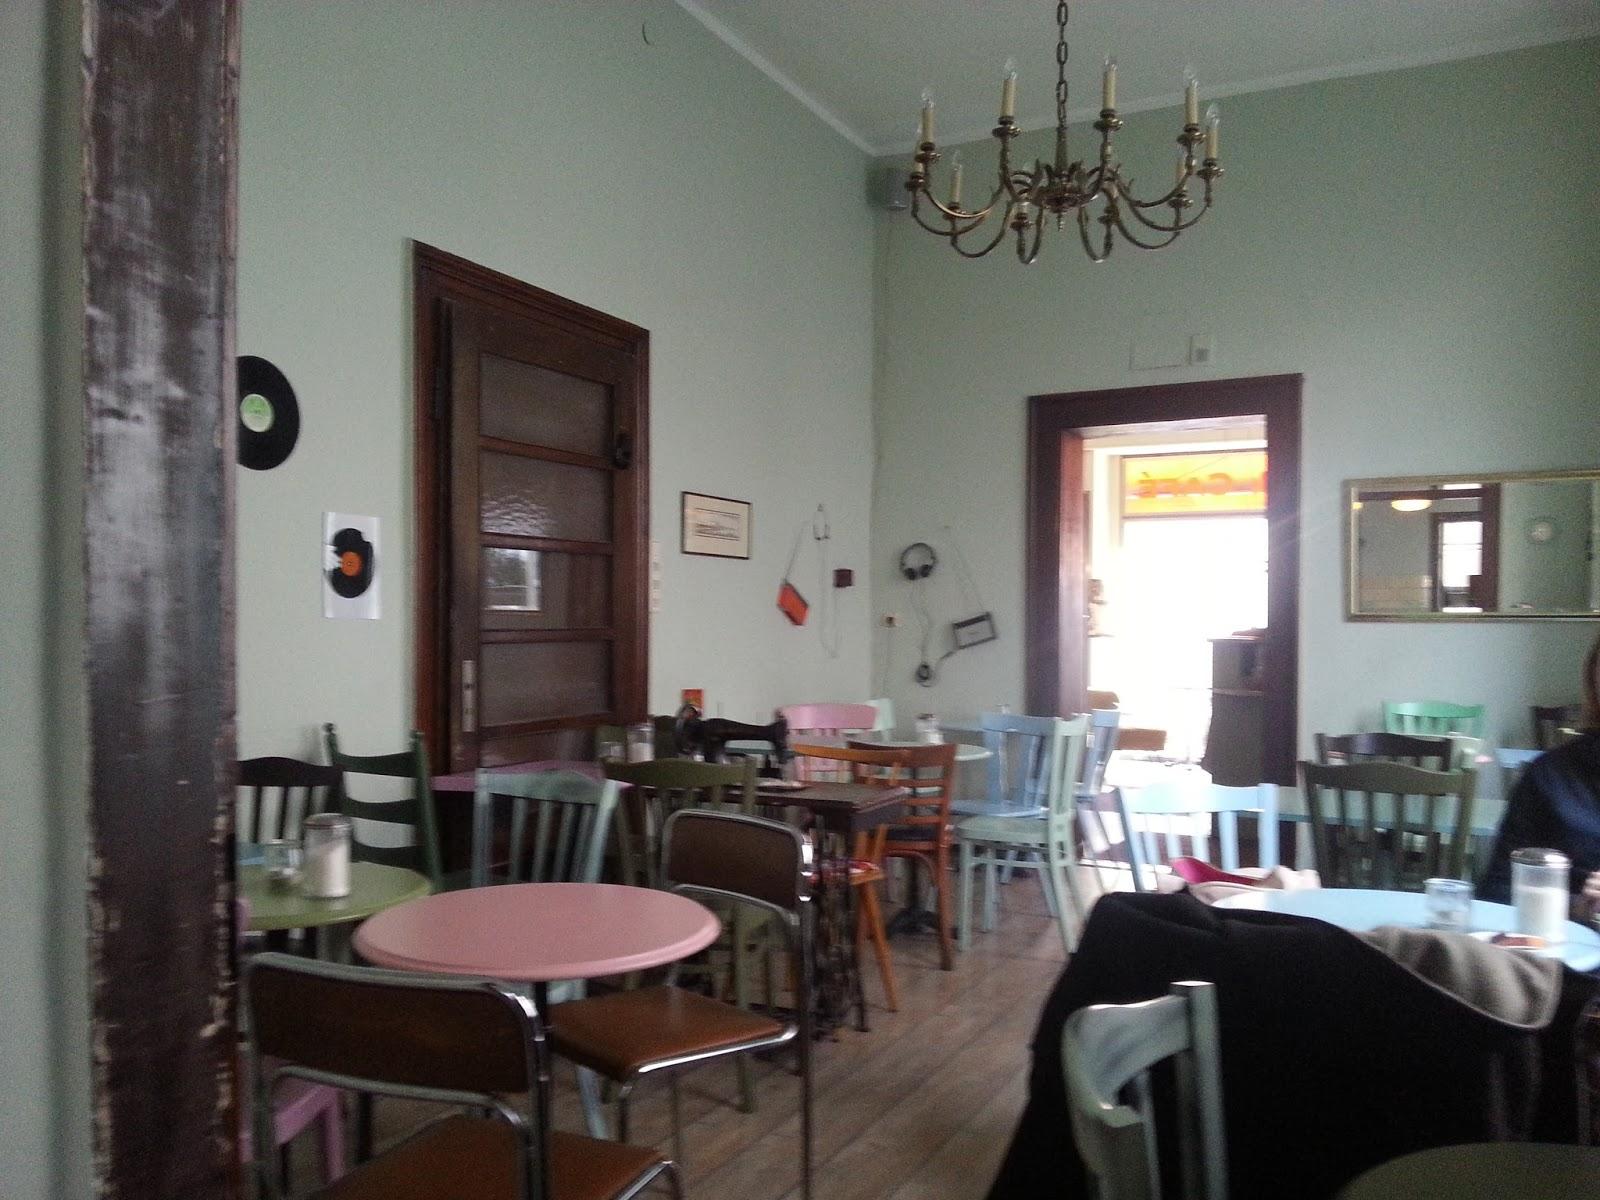 cafe wohnzimmer | jtleigh - hausgestaltung ideen